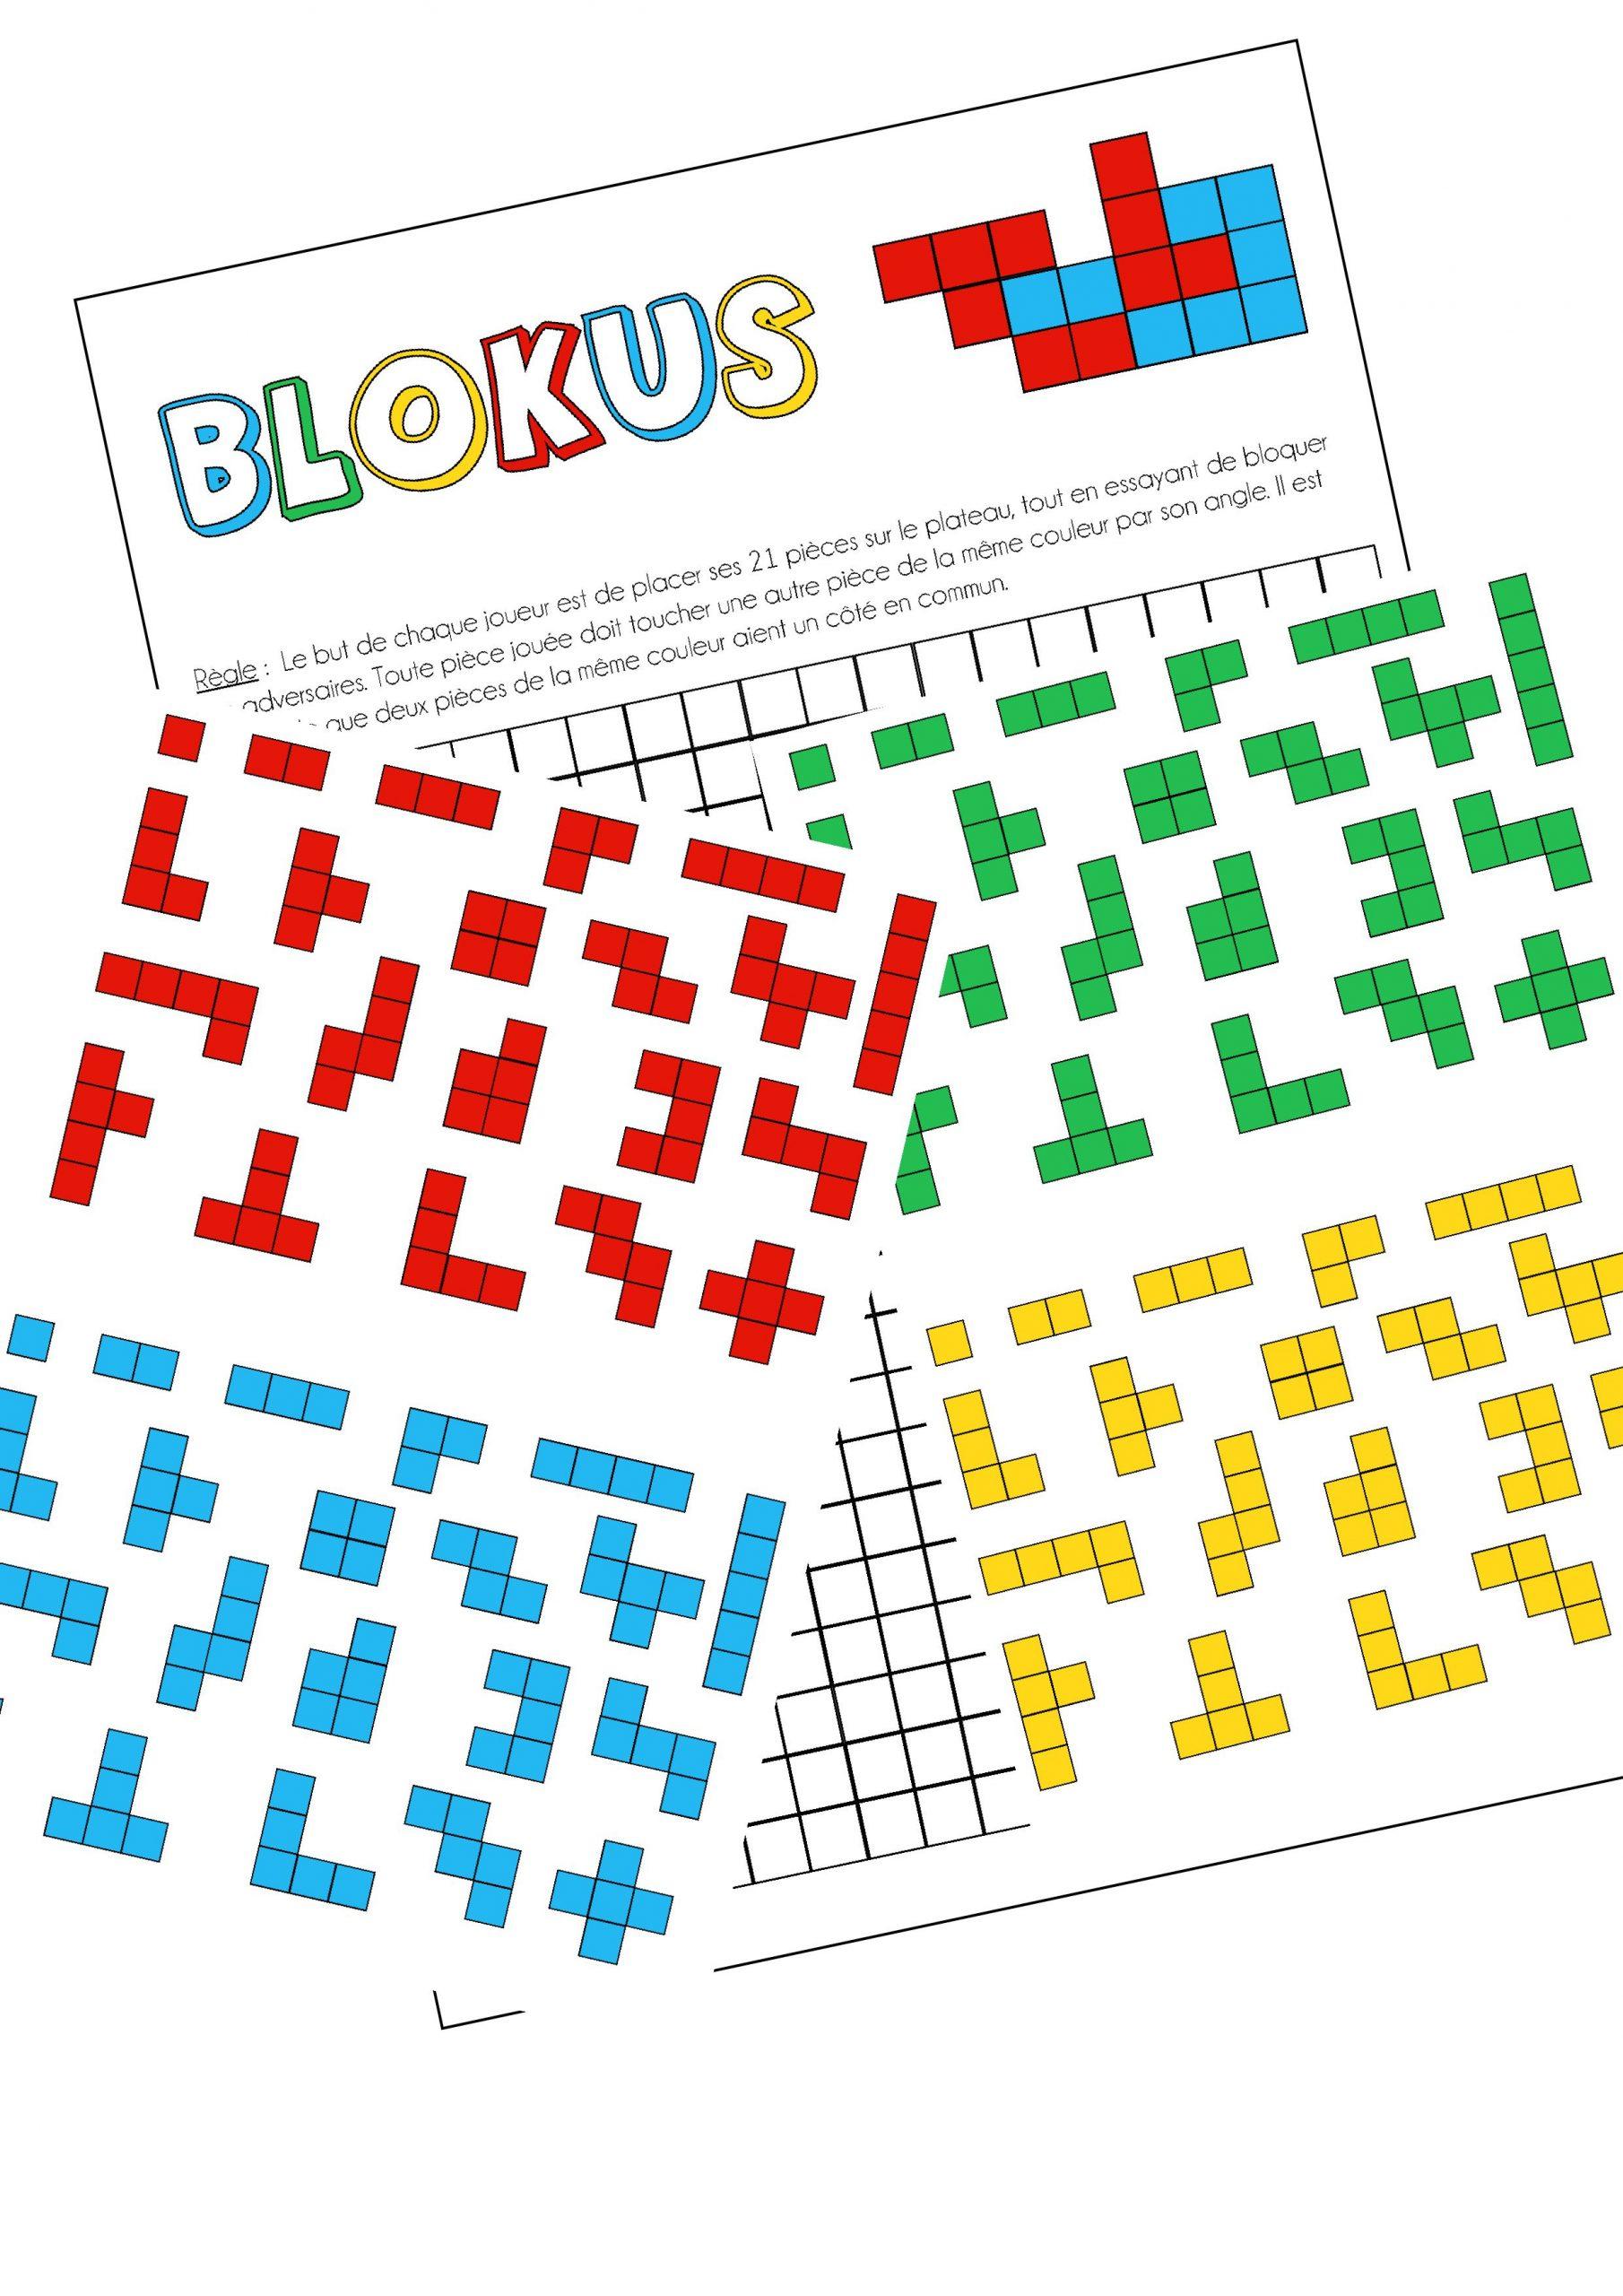 Le Jeu Blokus - Version Imprimable - | Jeux De Logique, Jeux dedans Jeux Mathématiques À Imprimer